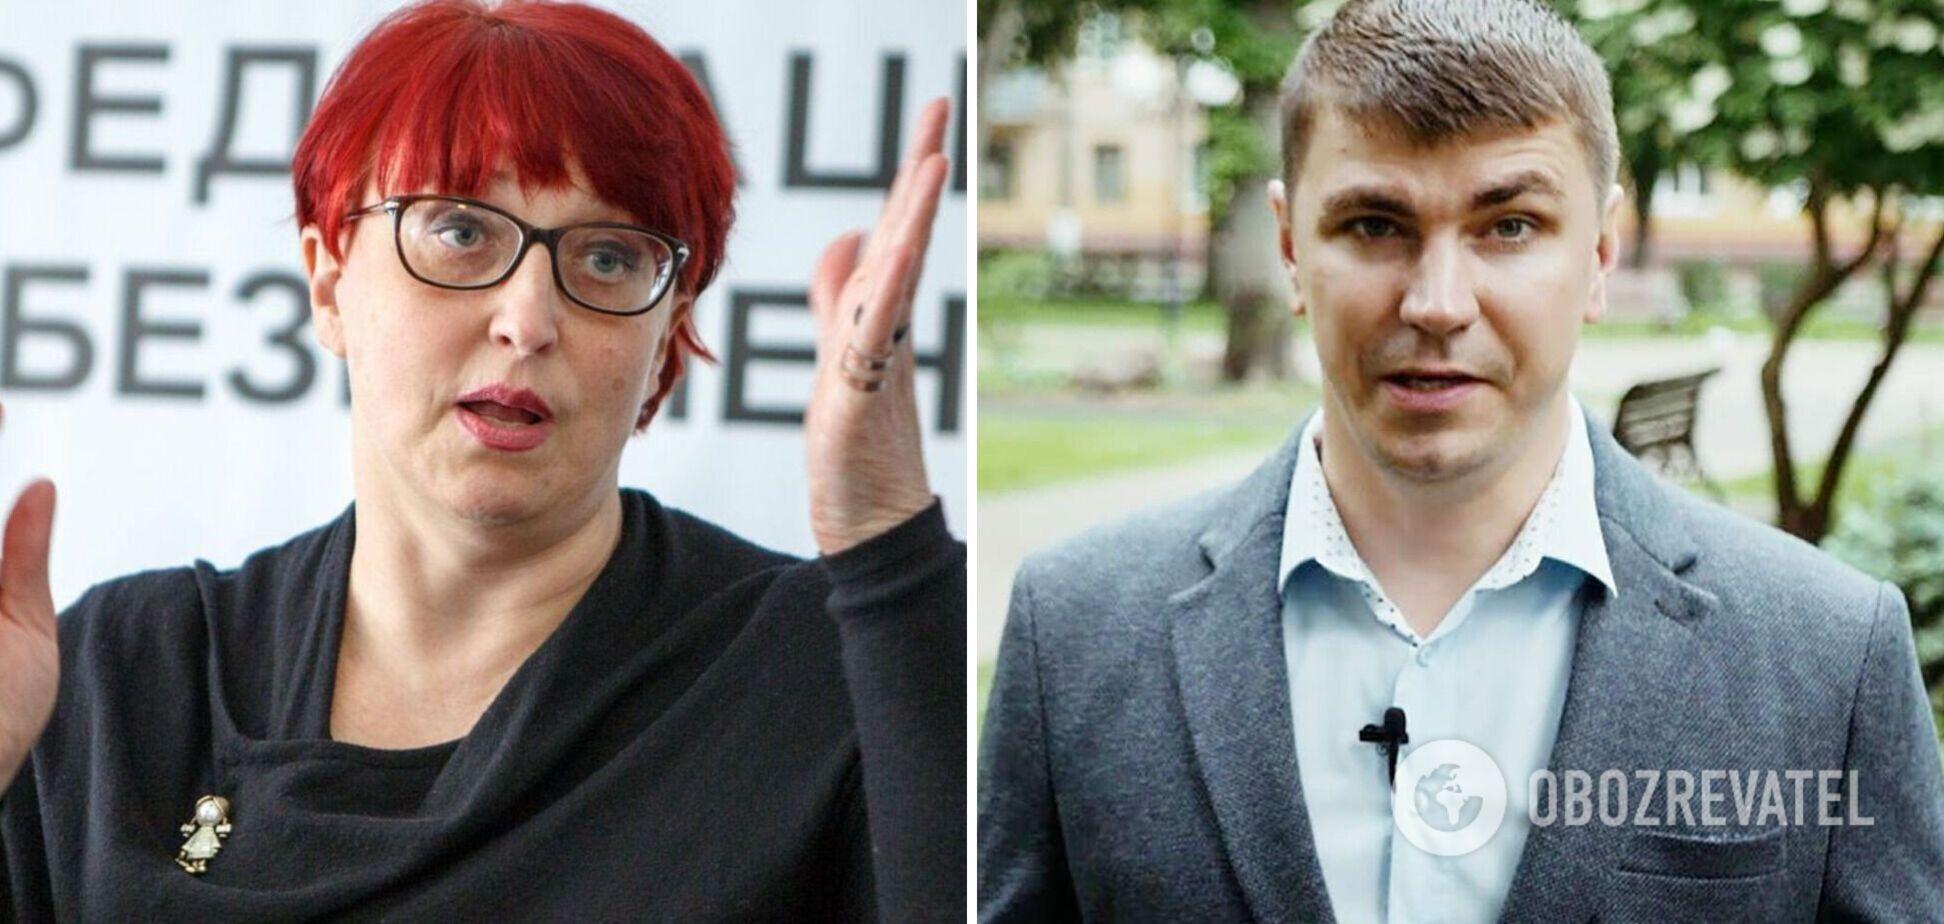 'Слуга' Третьякова після новини про смерть Полякова написала 'мінус один ворог': у Раді розгорівся скандал. Відео